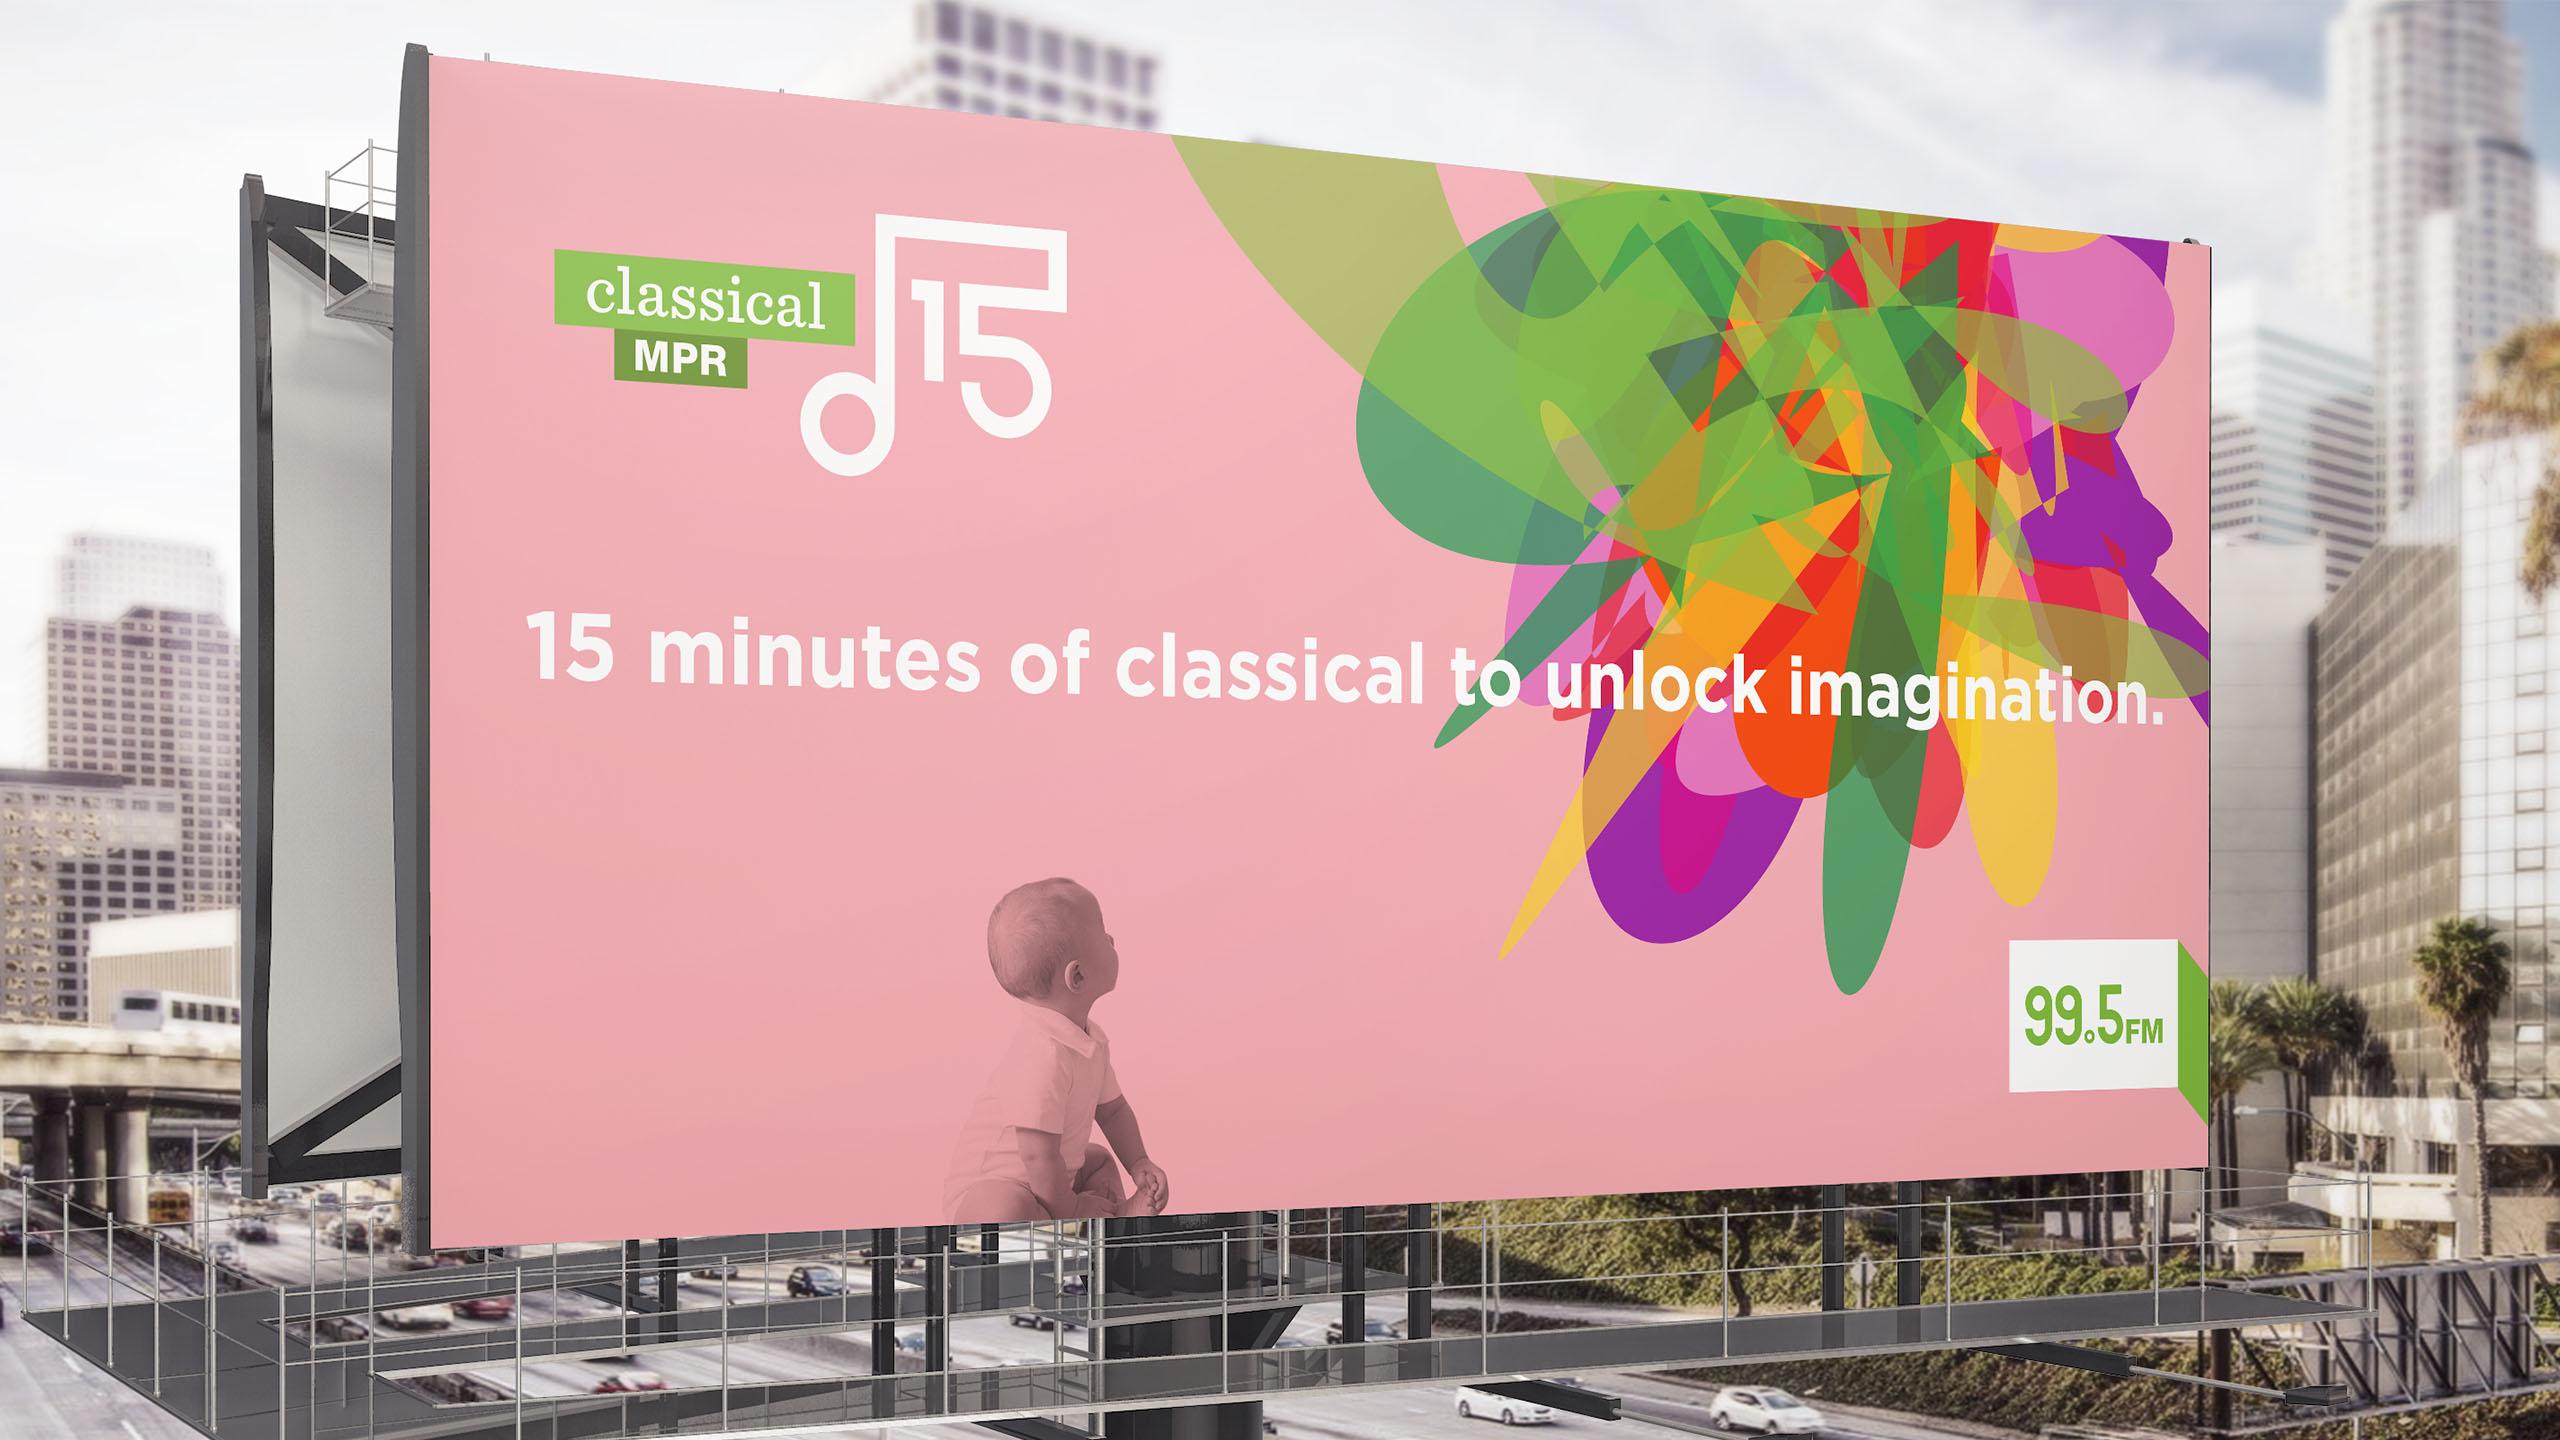 MPR: Classical 15